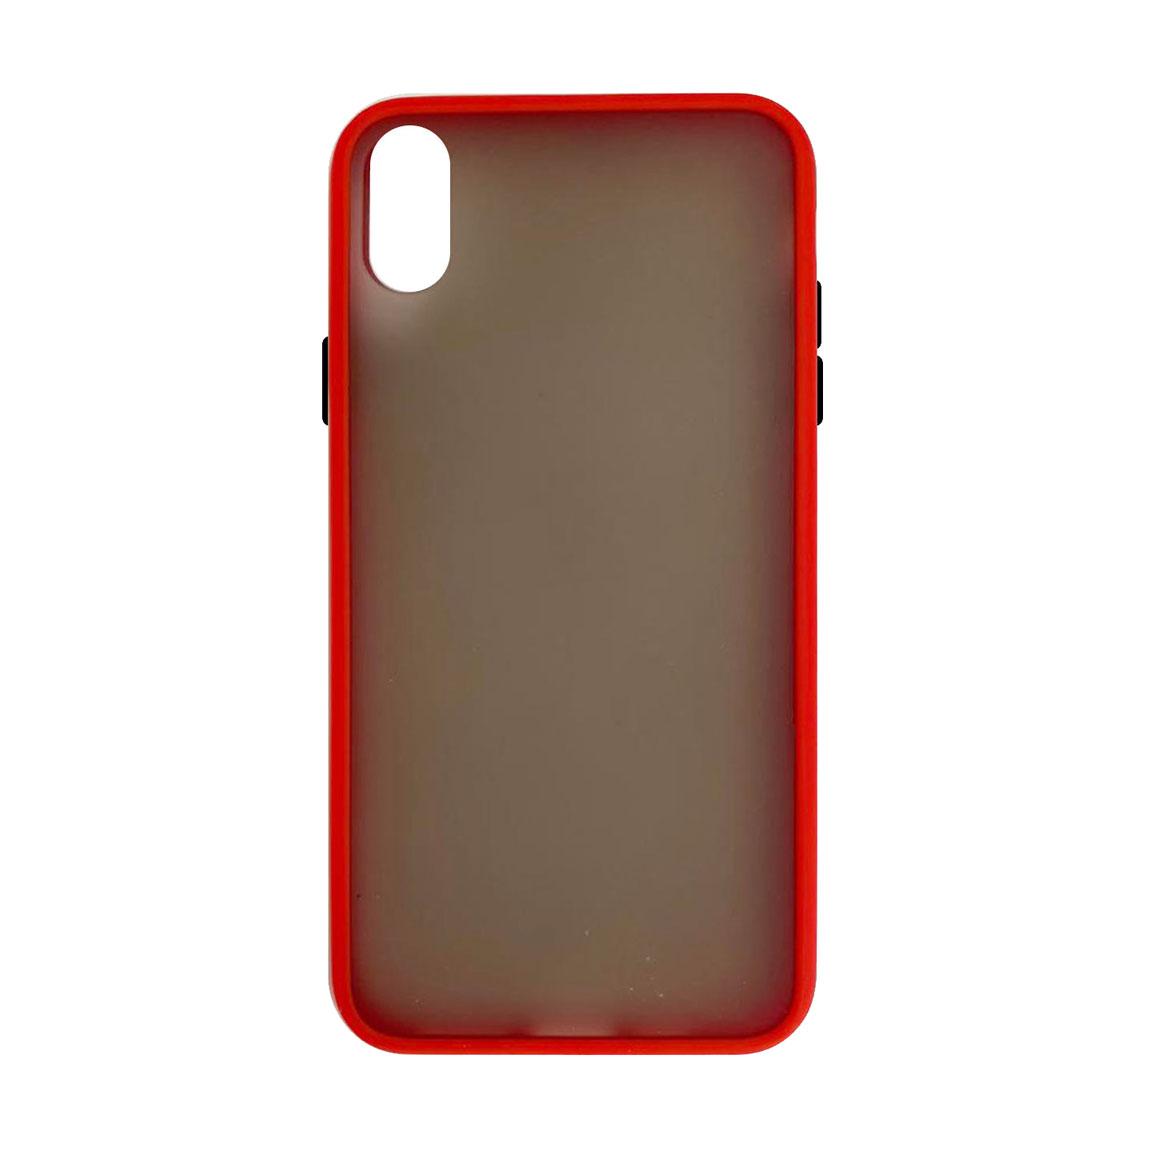 کاور مدل  Lux123 مناسب برای گوشی موبایل اپل Iphone X/XS